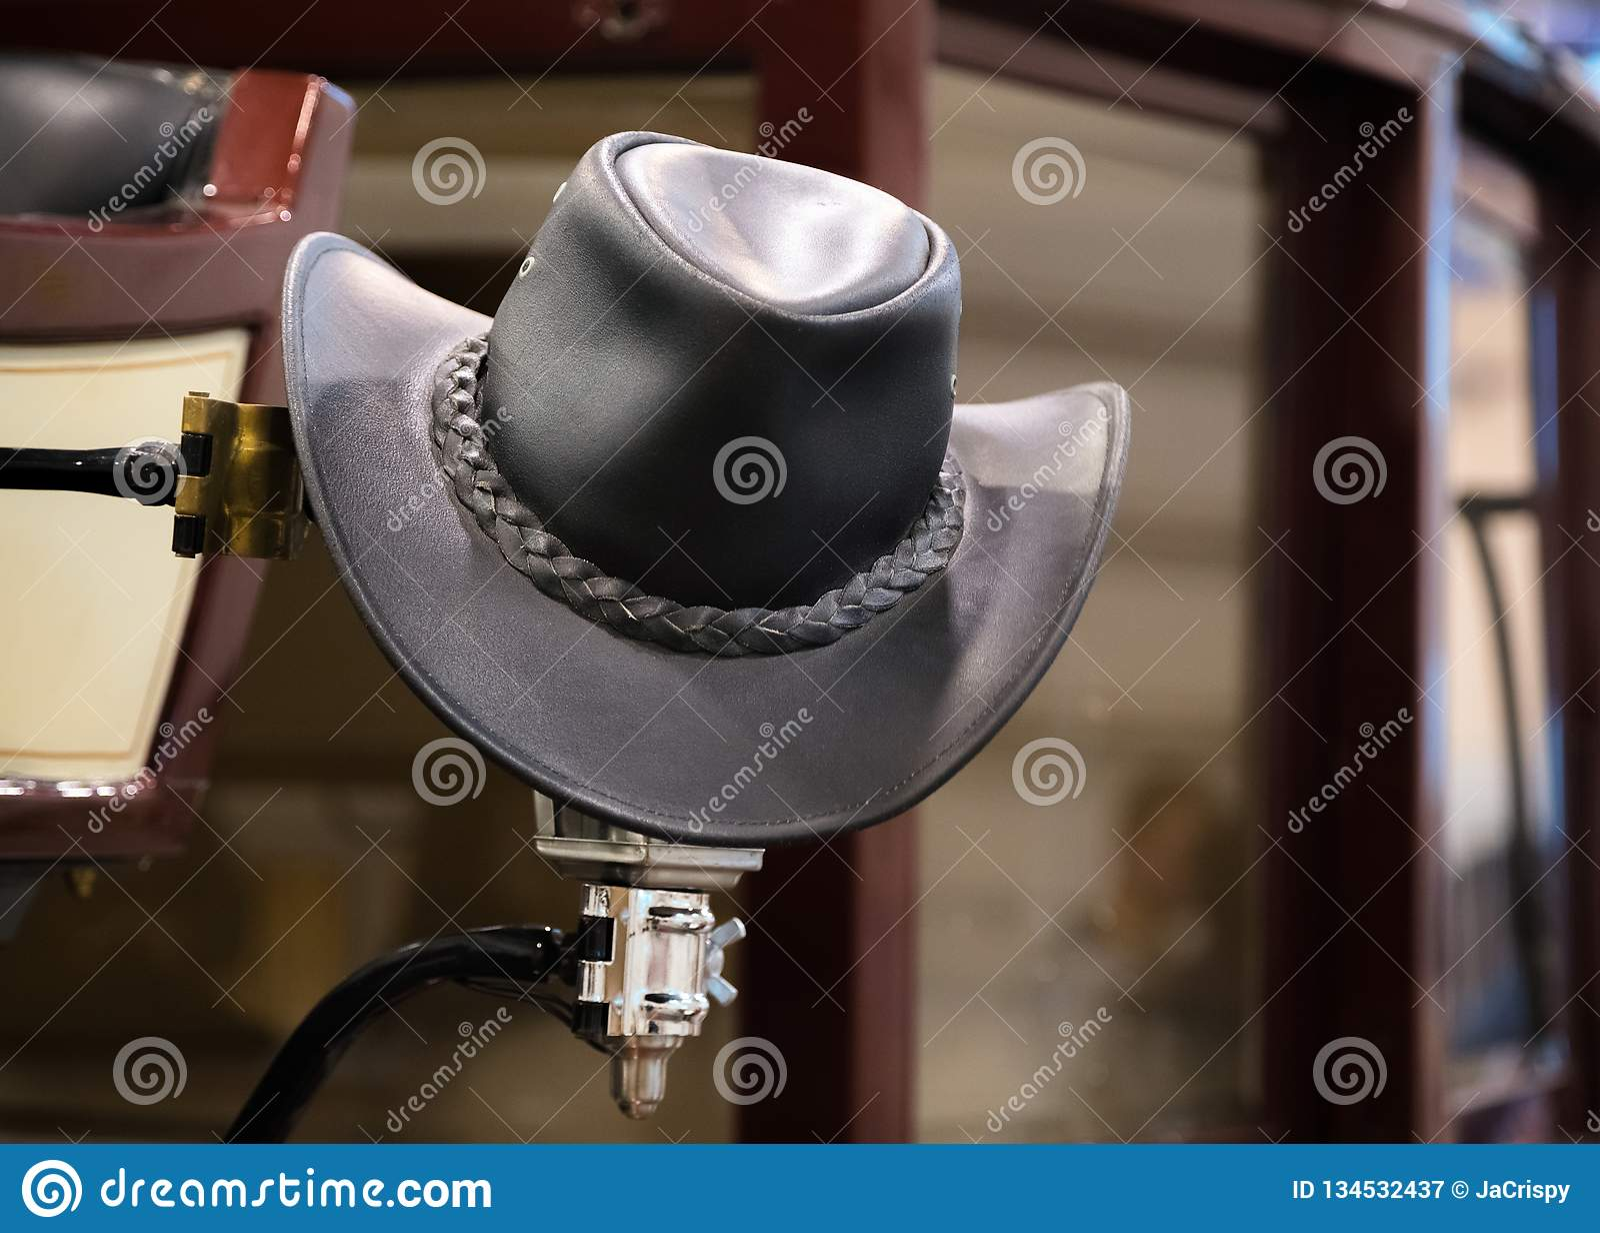 Шляпа американского западного ковбоя родео черная кожаная в старом деревянном амбаре ранчо